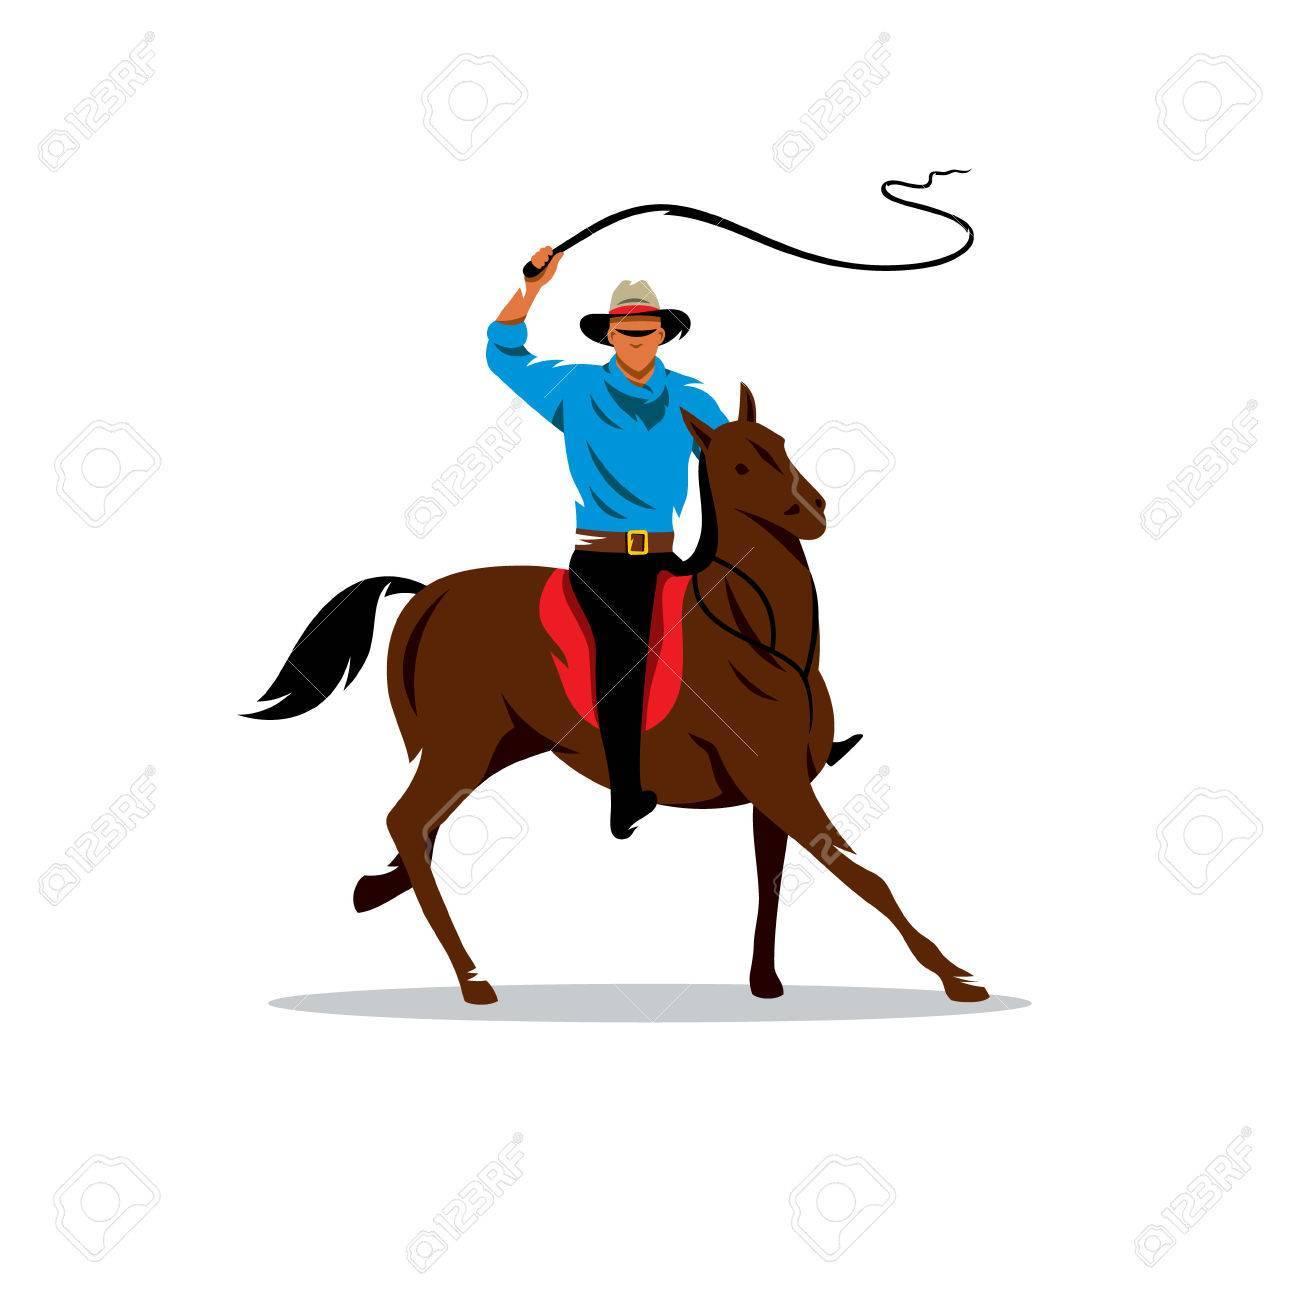 58744291-jinete-del-caballo-agitando-el-látigo-aislado-en-un-fondo-blanco.jpg